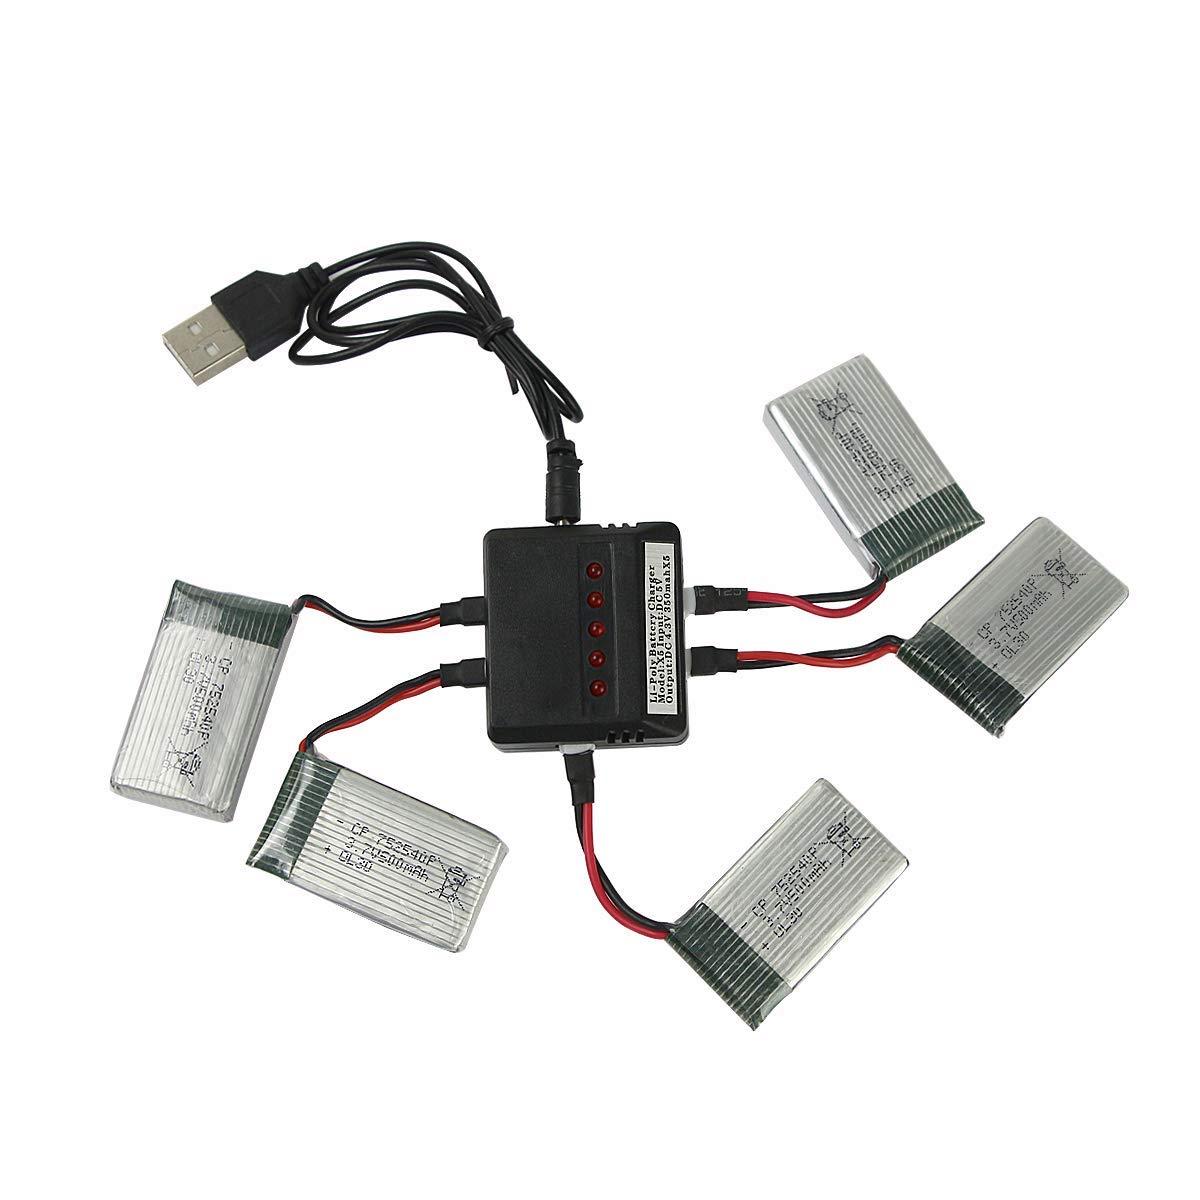 5 Baterias 3.7v 500mah + Cargador Para Drone Syma X5 X5c